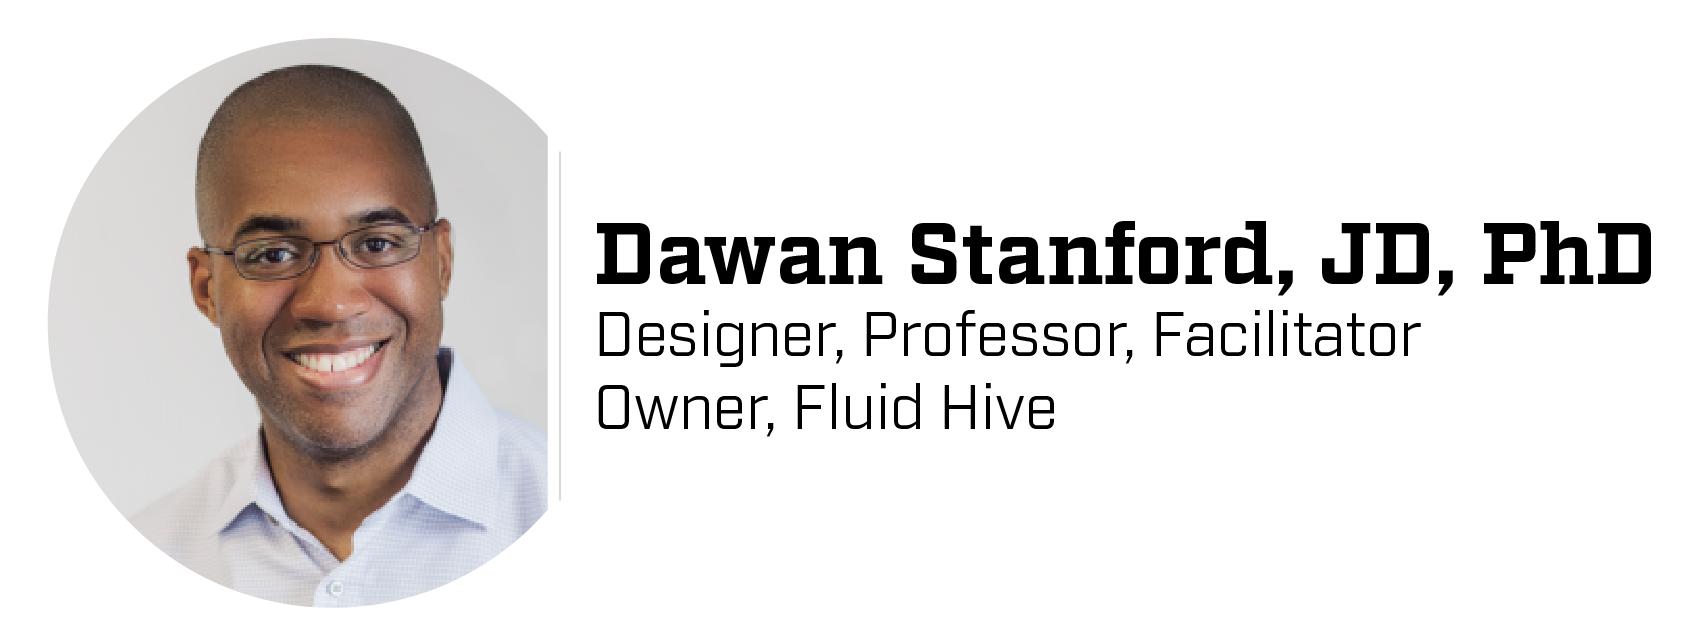 Dawan Stanford, Designer, Professor, Facilitator | Owner, Fluid Hive